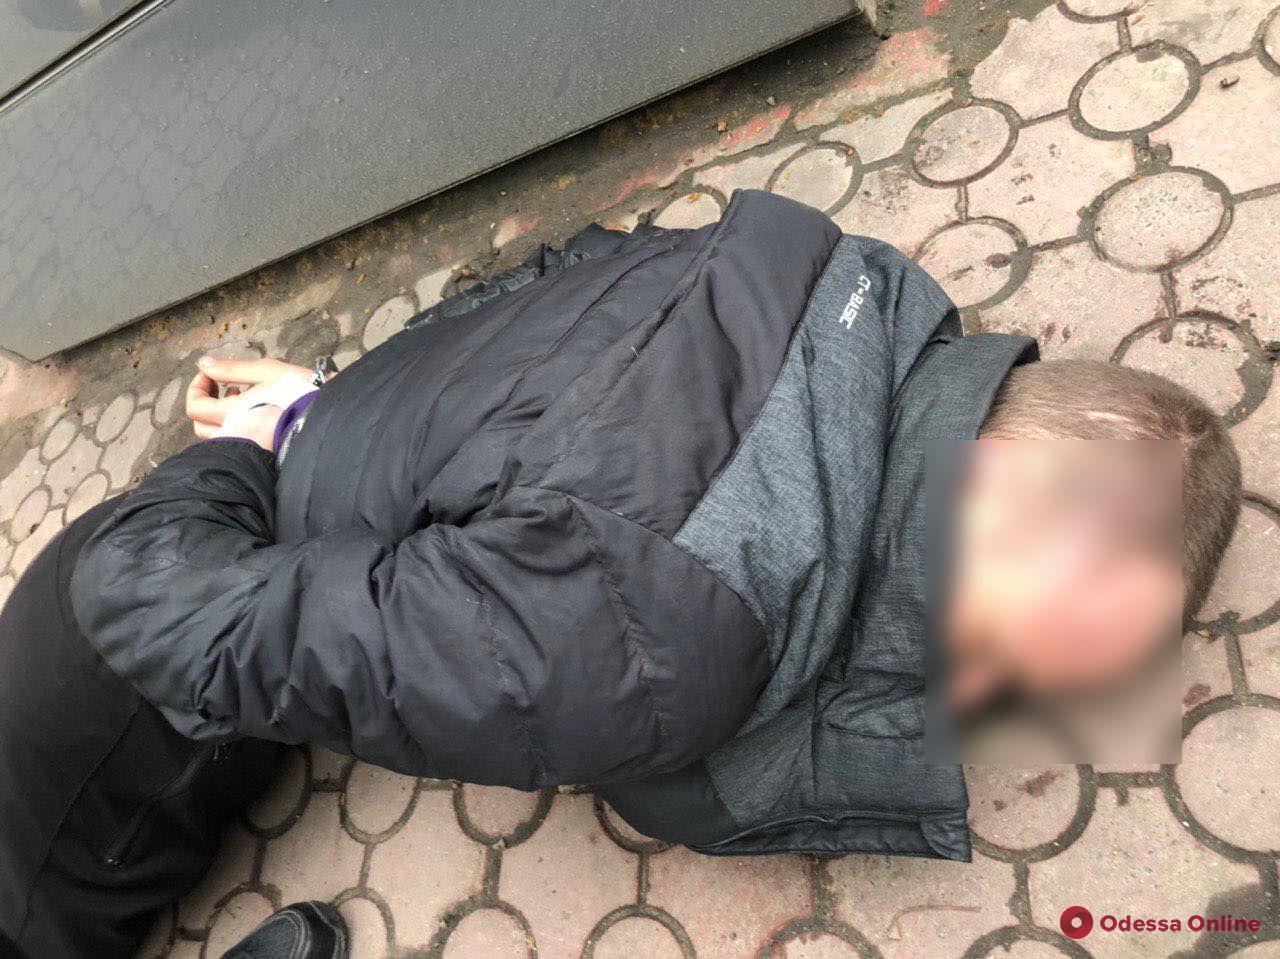 Не смог убежать: в Одессе на горячем поймали грабителя